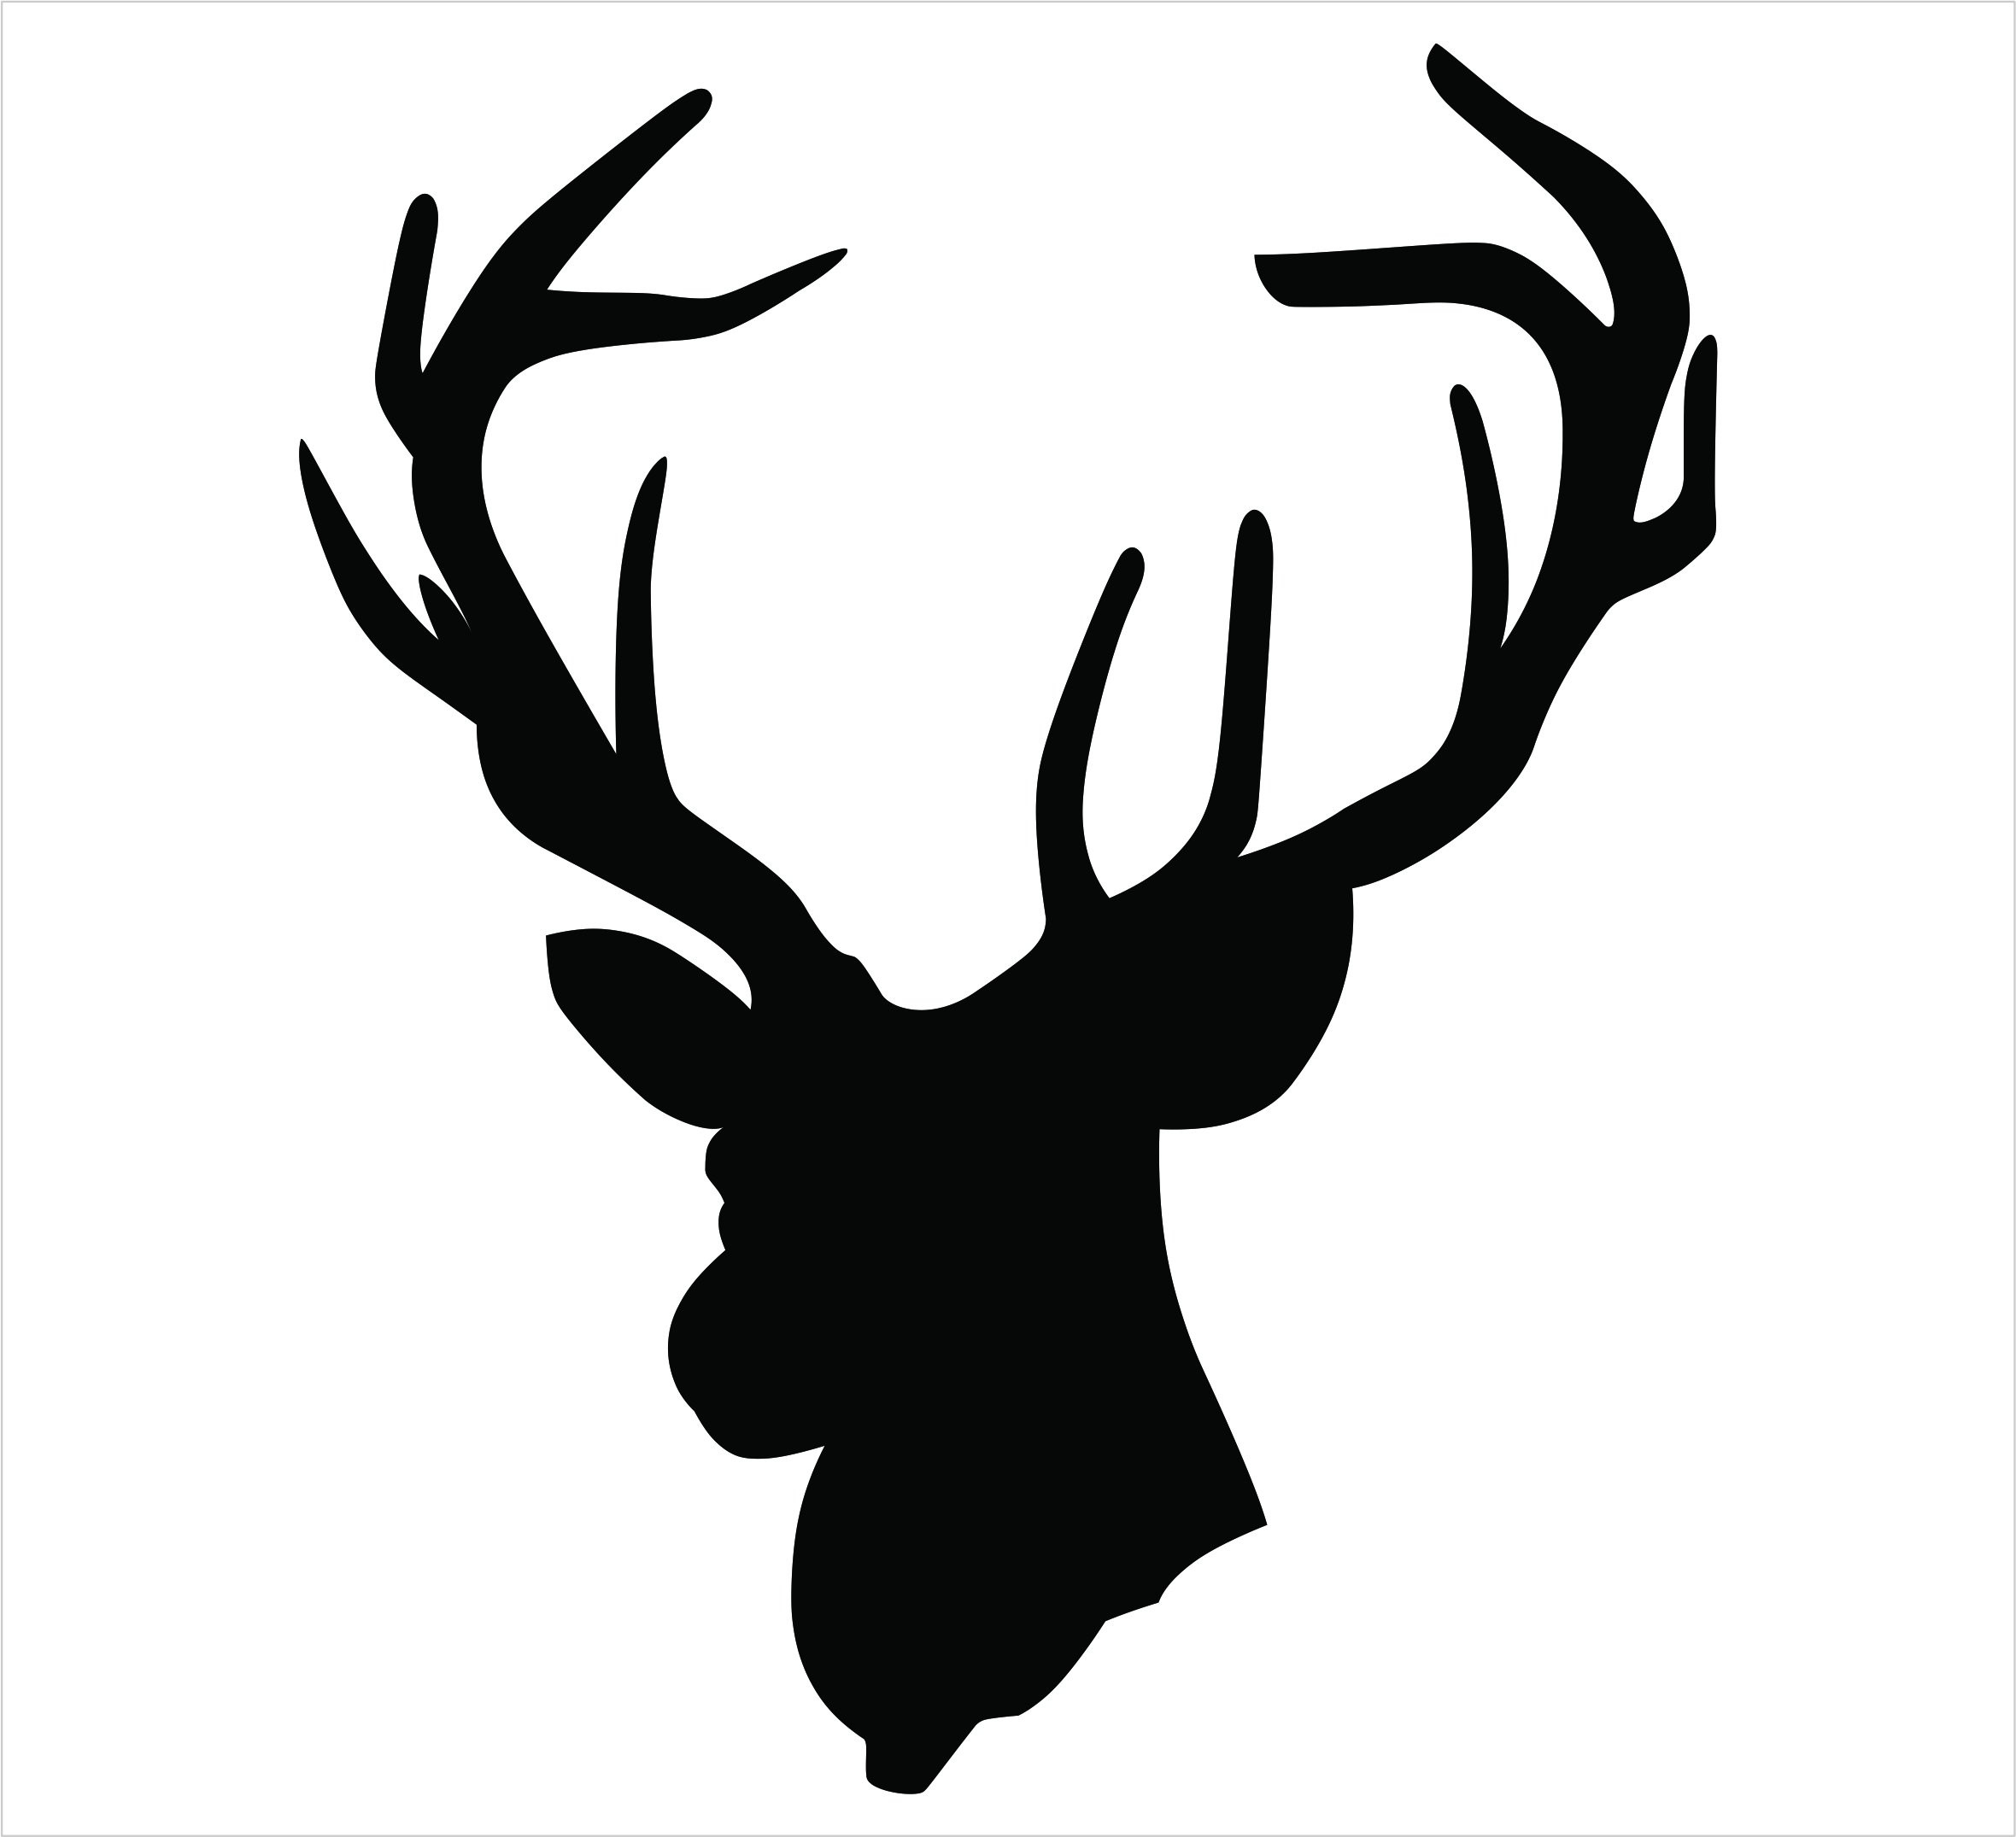 2360x2151 Deer Head Silhouette Clip Art 125281 Brilliant Antlers